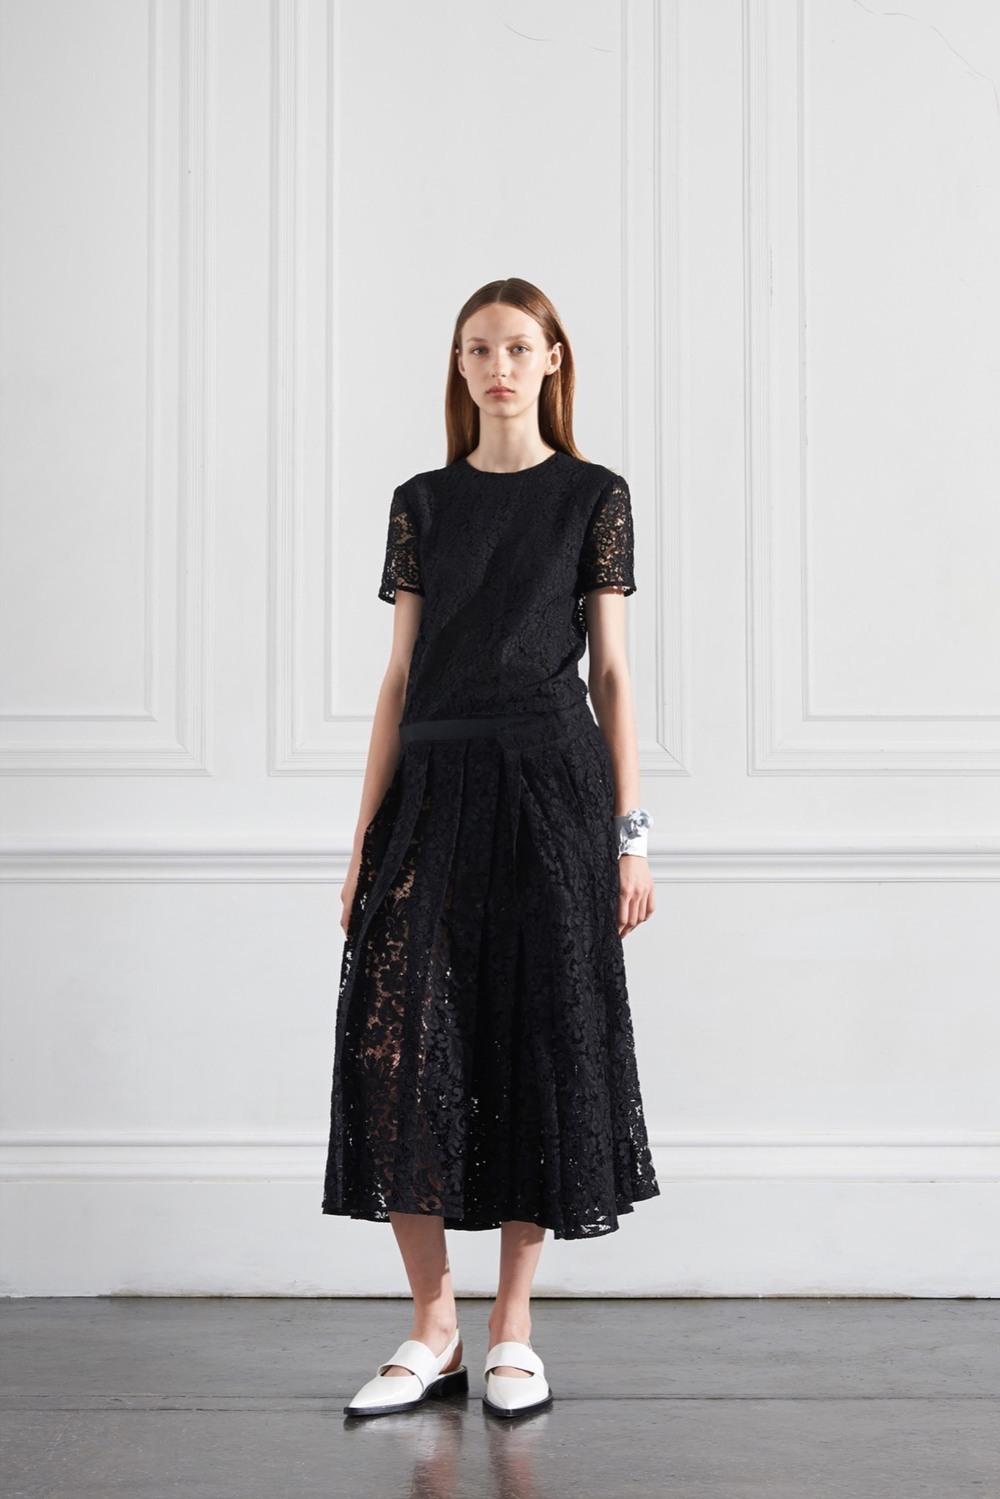 Хочу черное кружевное платье